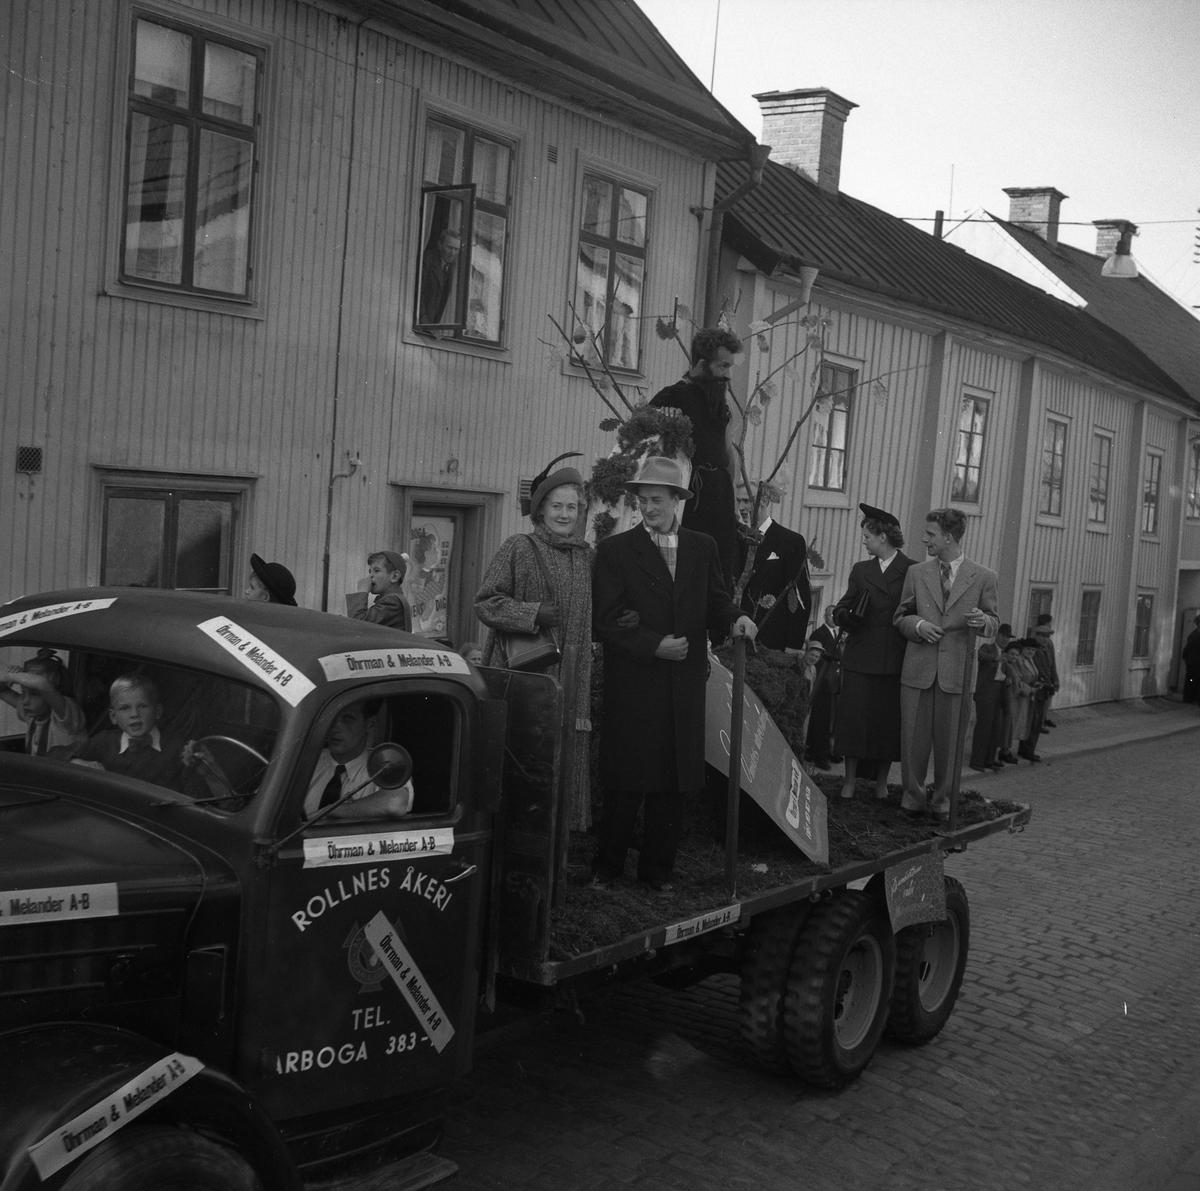 """Rollnes Åkeri deltar i Barnens Dagsfirandet. En man och två barn sitter i förarhytten. På lastbilen är det klistrat lappar med texten """"Öhrman och Melander"""". På lastbildsflaket står några vuxna i ytterkläder, förmodligen från firman Öhrman och Melander."""